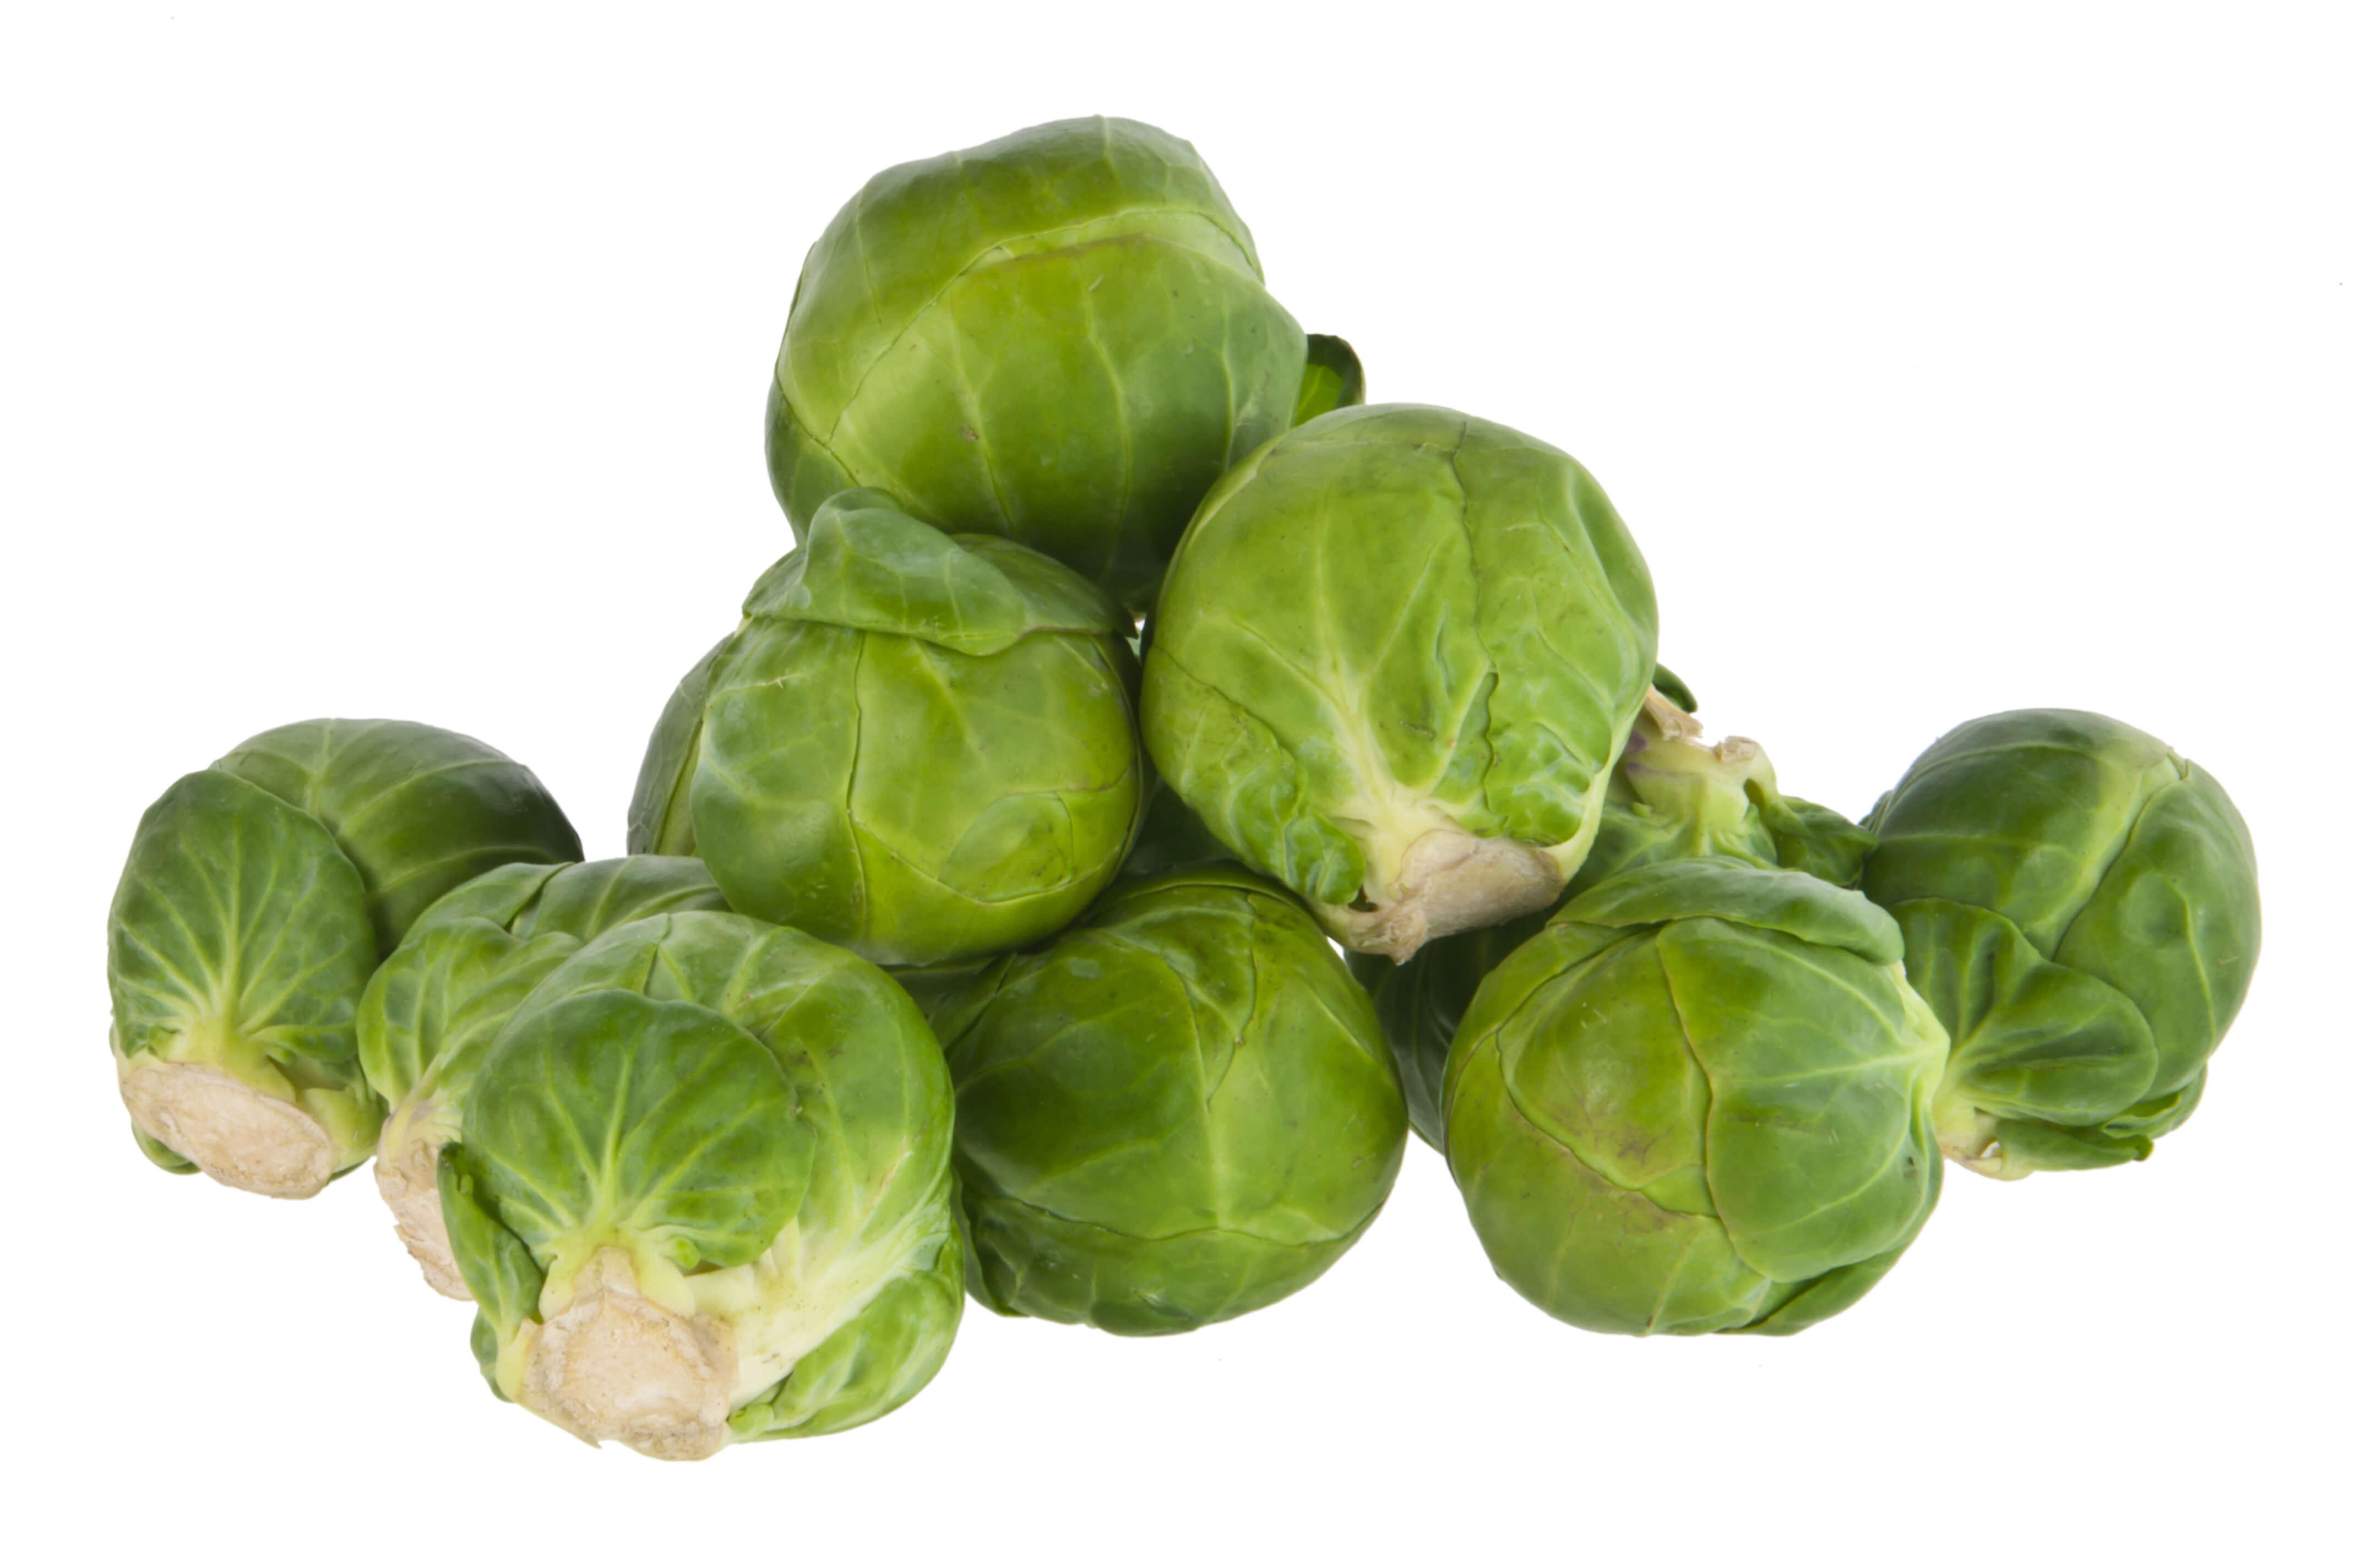 λαχανάκια βρυξελλών-lachanakia vrixellon